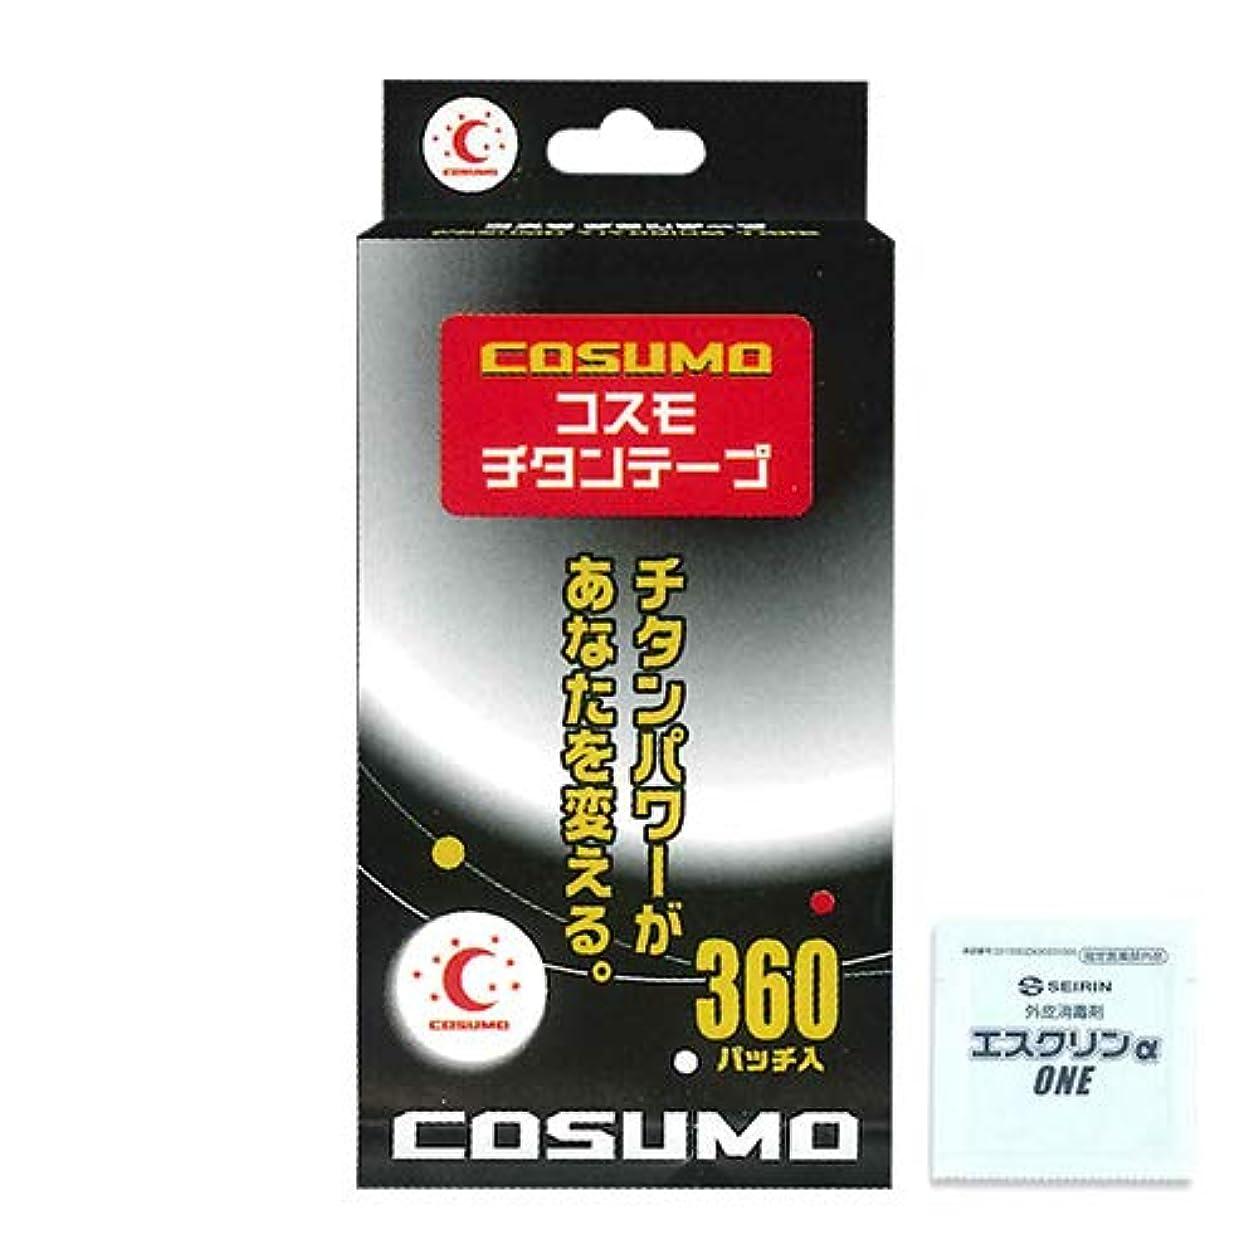 持ってるネックレット絶壁日進医療器:コスモチタンテープ 360パッチ入×10個セット + エスクリンONE1包セット